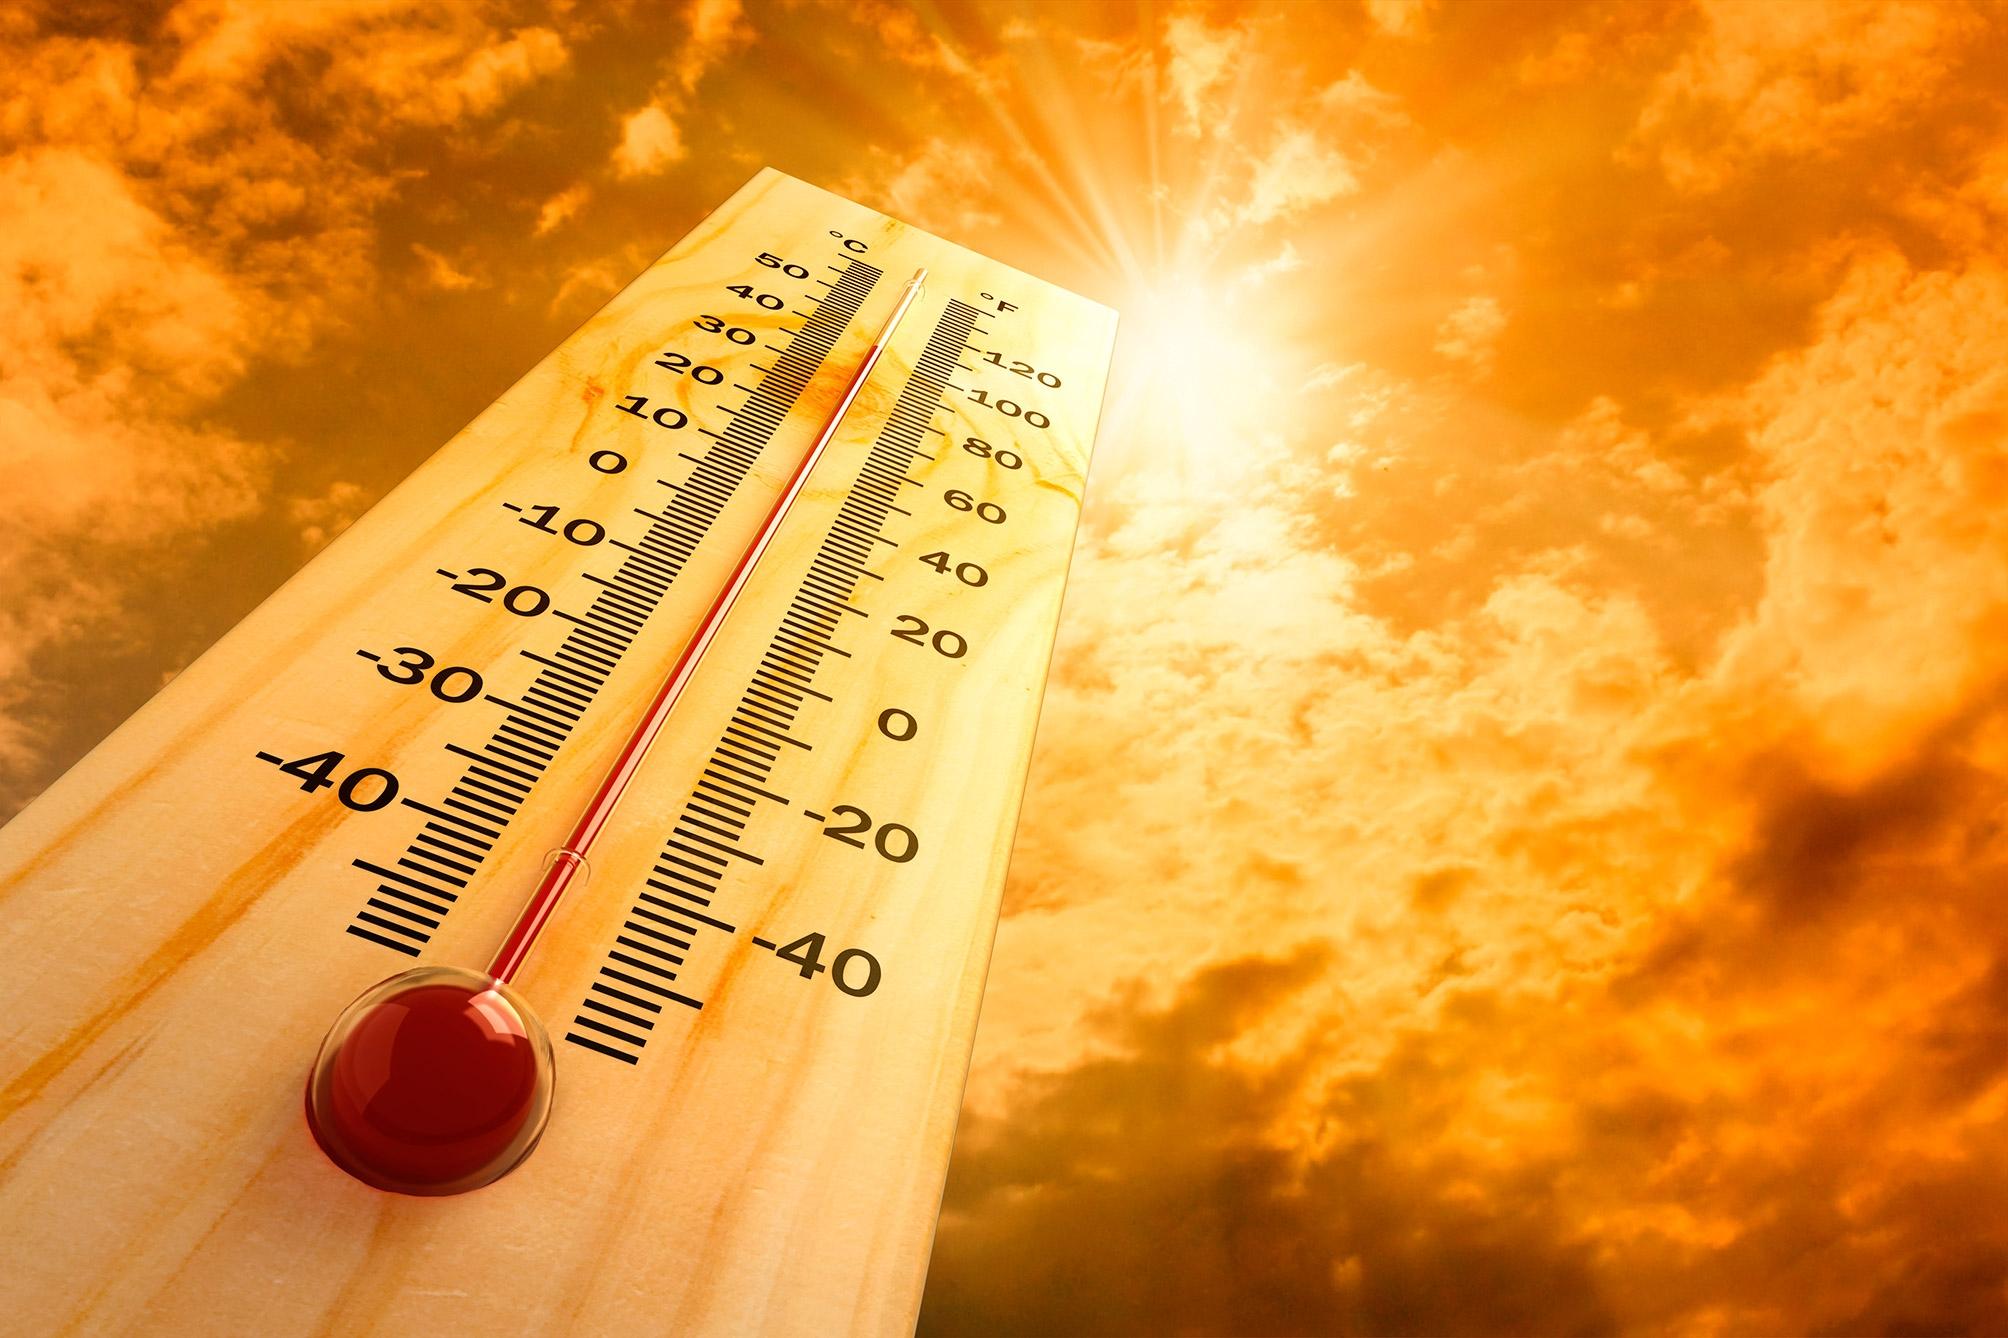 Экстренное предупреждение: в Крым идет аномальная жара, ожидается чрезвычайная пожарная опасность